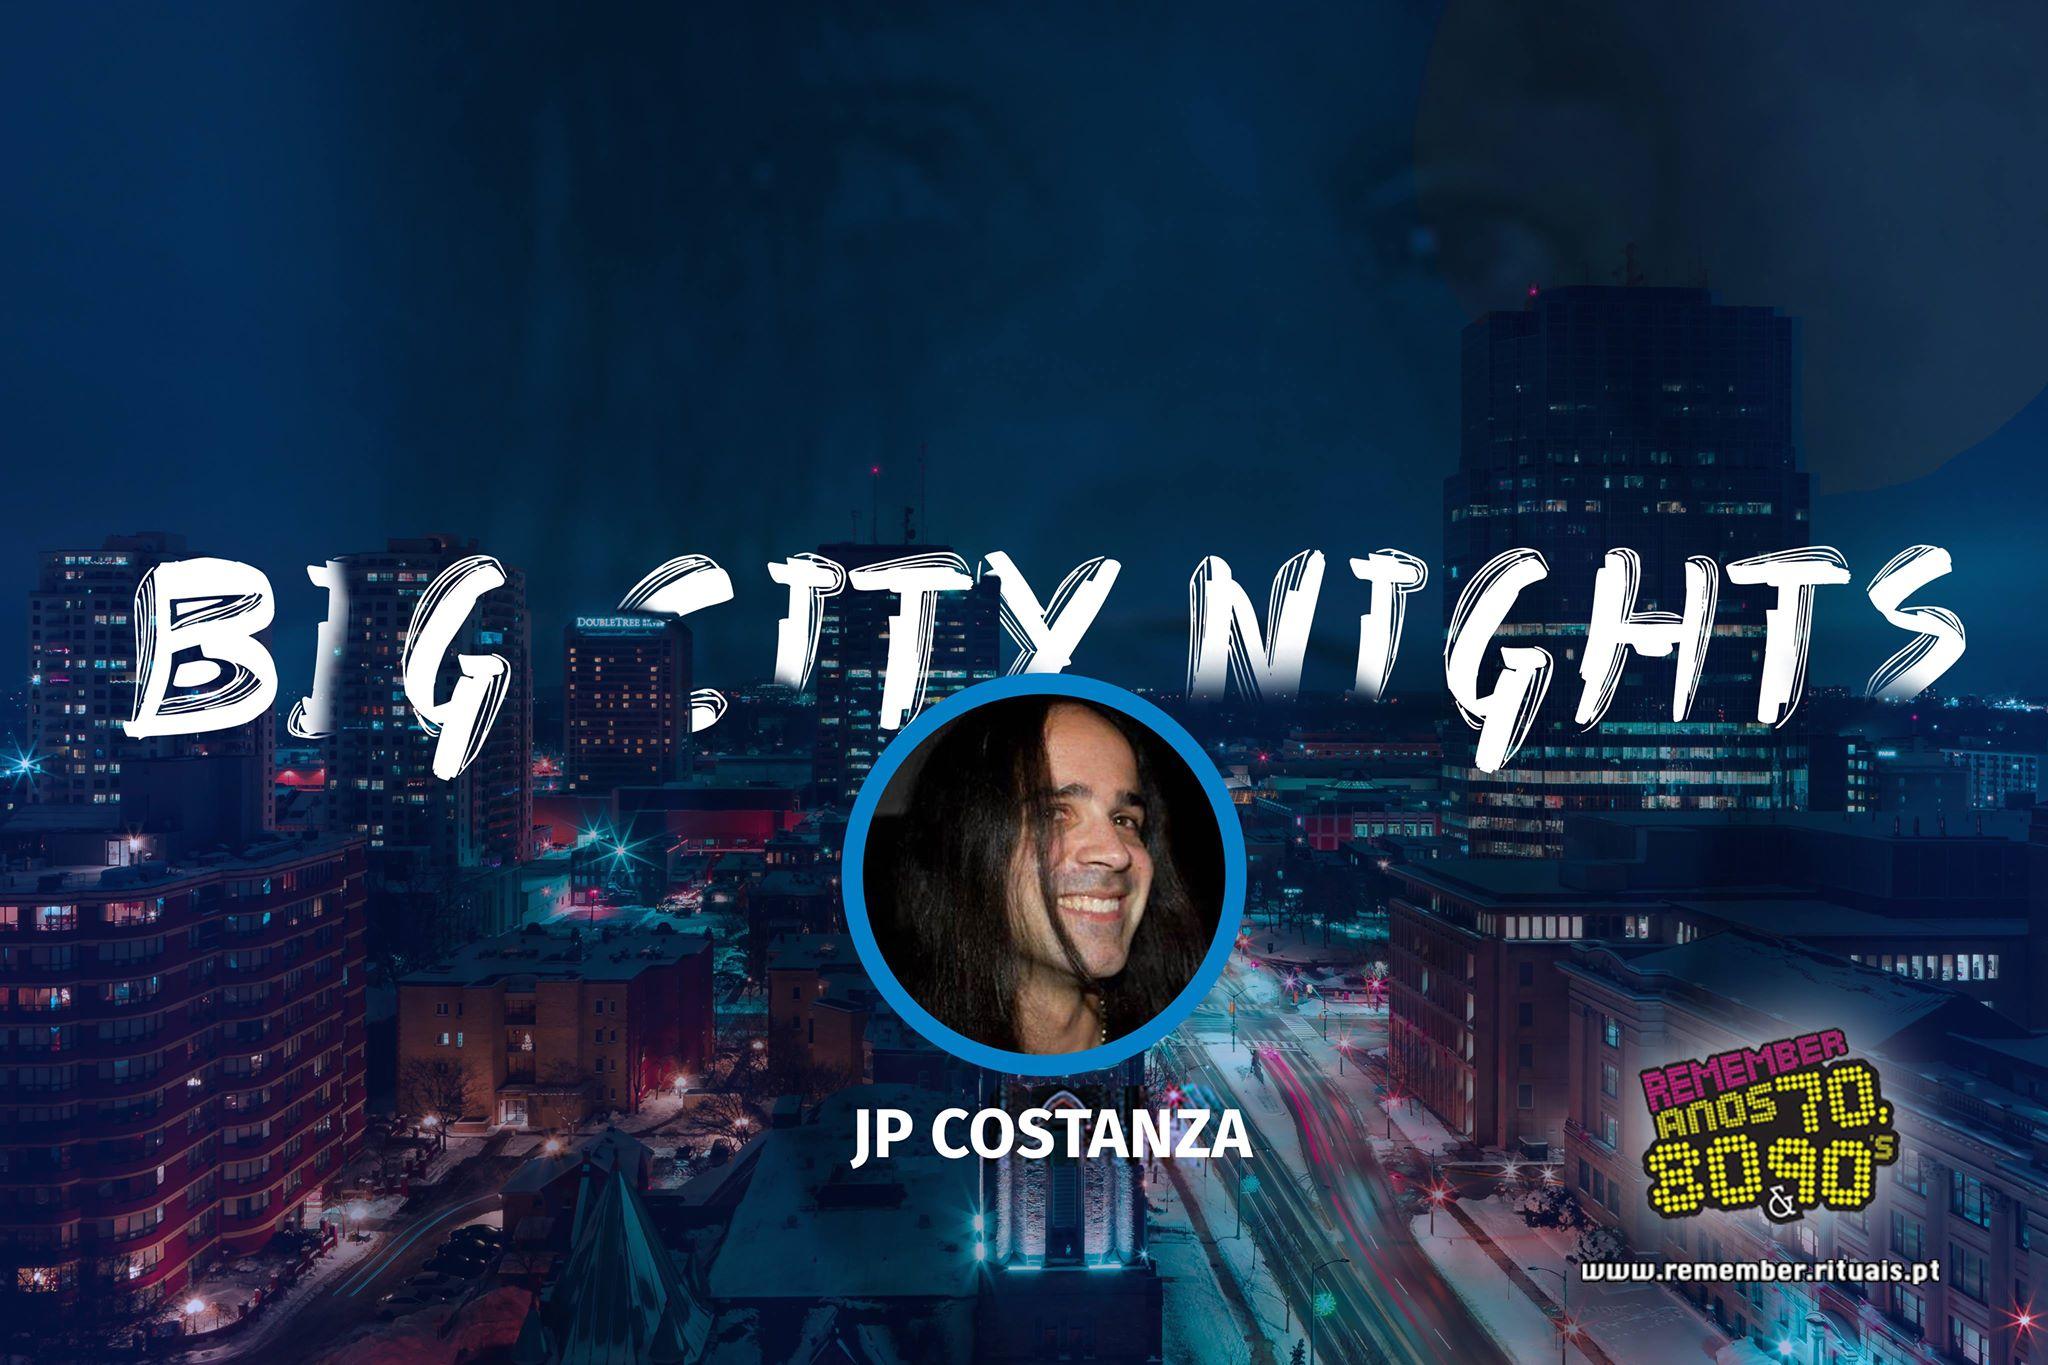 JP COSTANZA 2